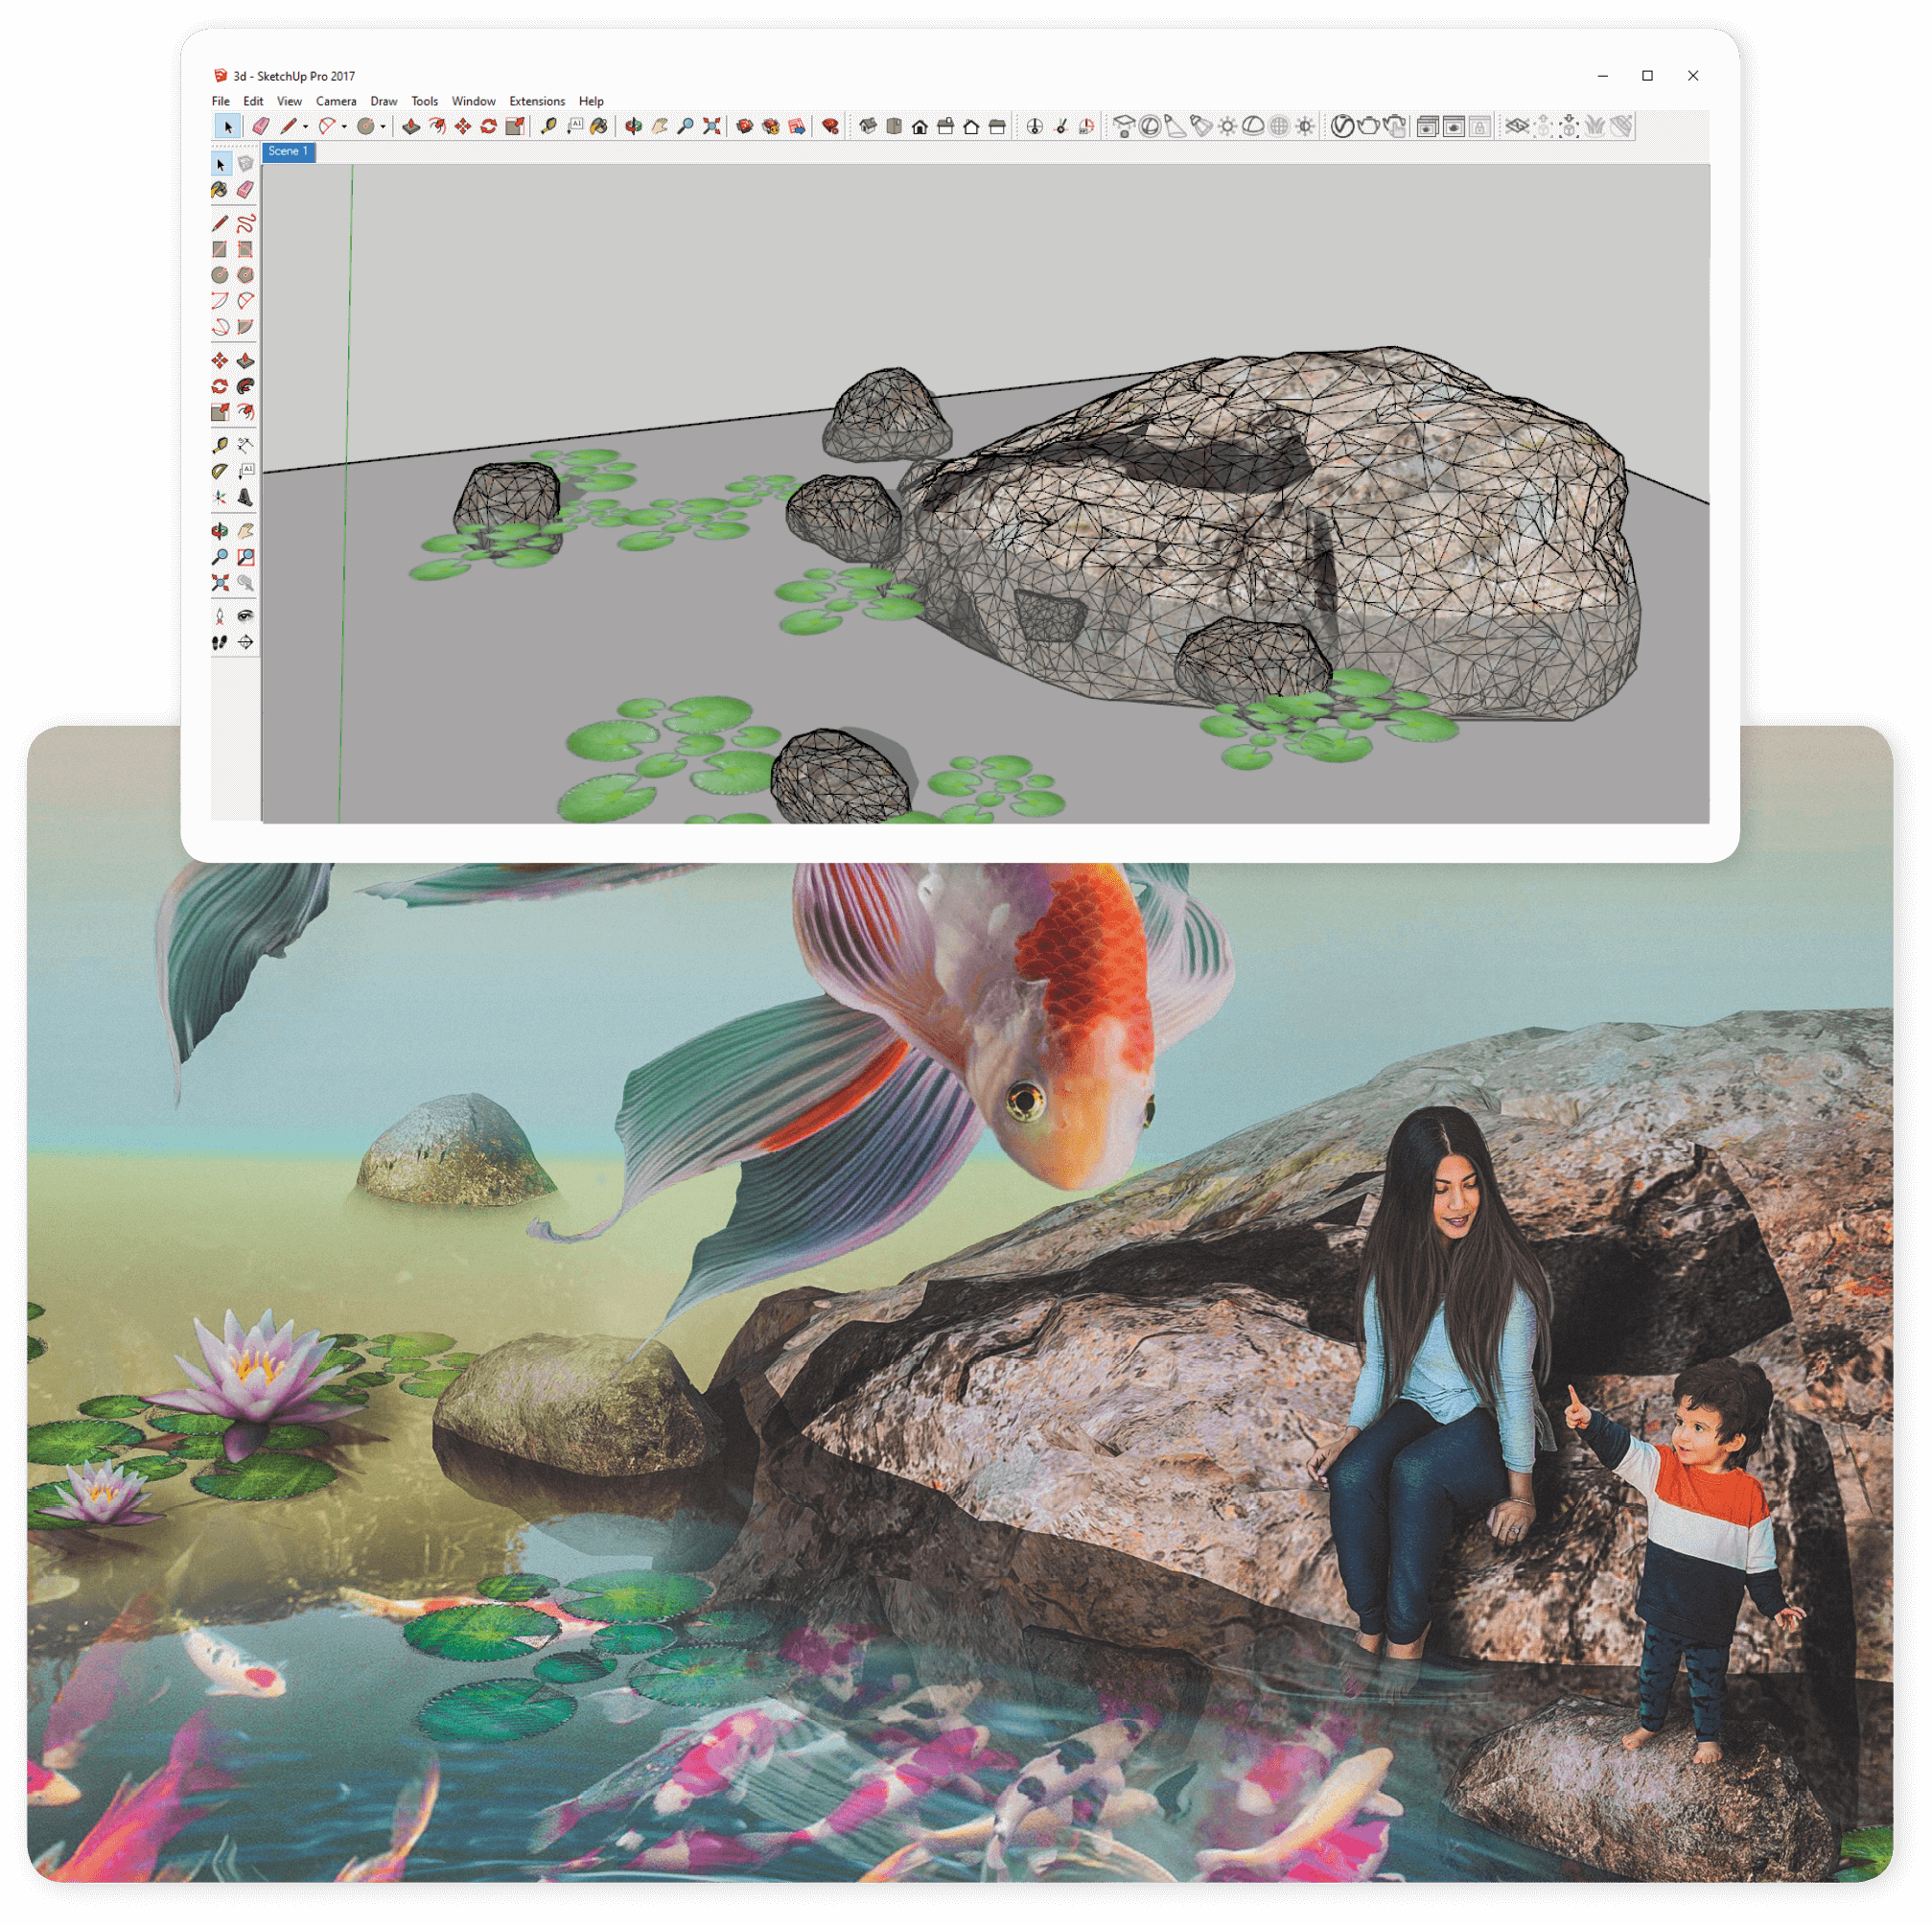 Exemplos de como wireframe no Sketchup é traduzido em imagens compostas acabadas